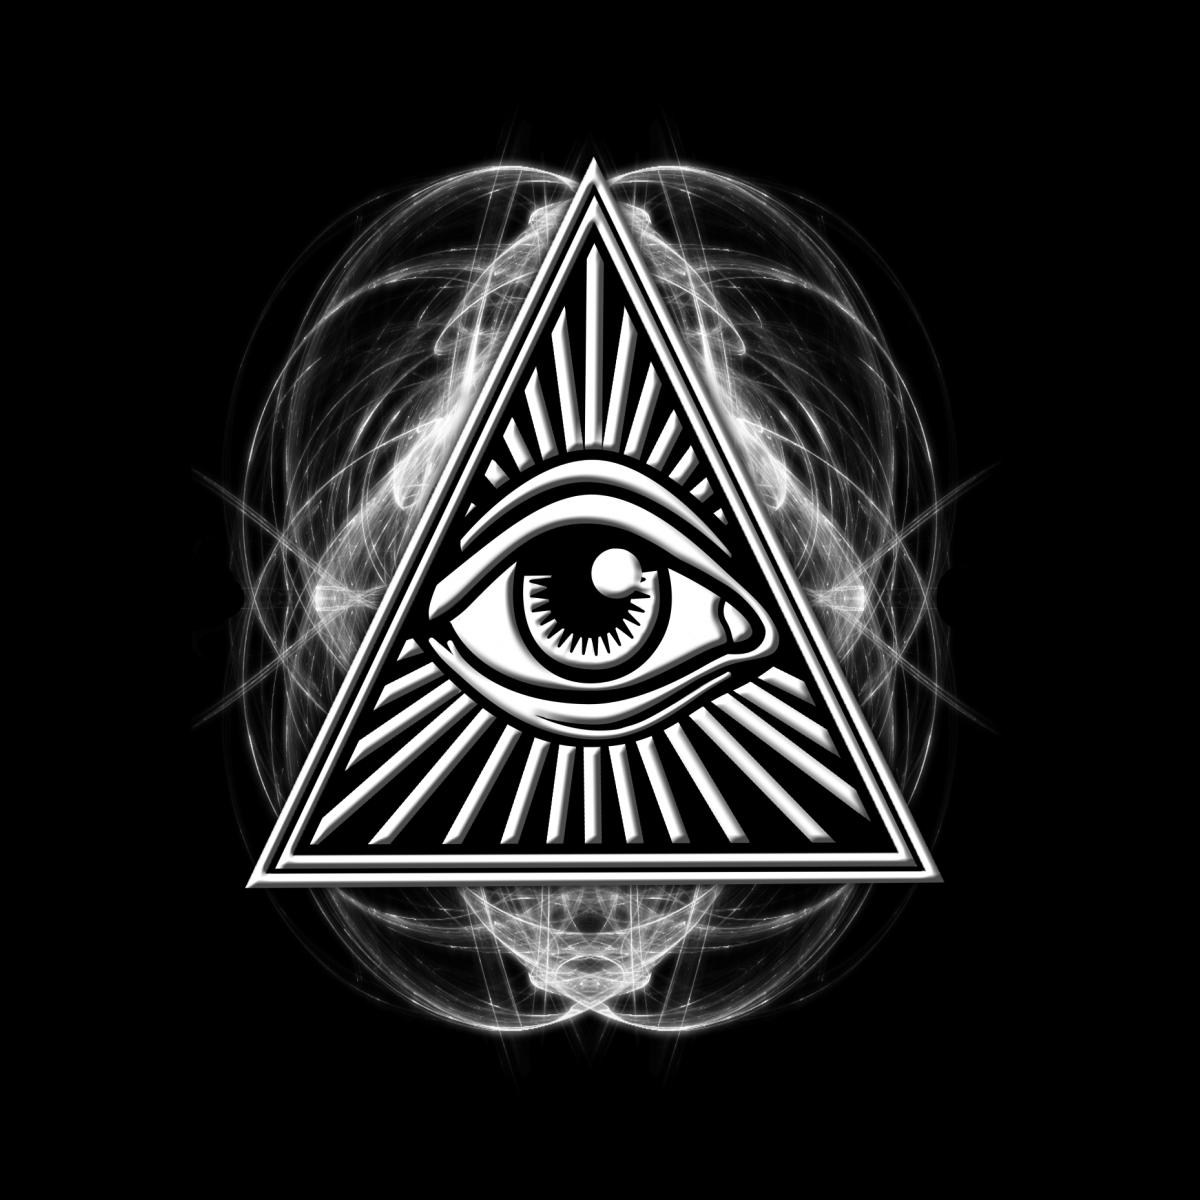 внешний вид картинки всевидящего ока все потому, что